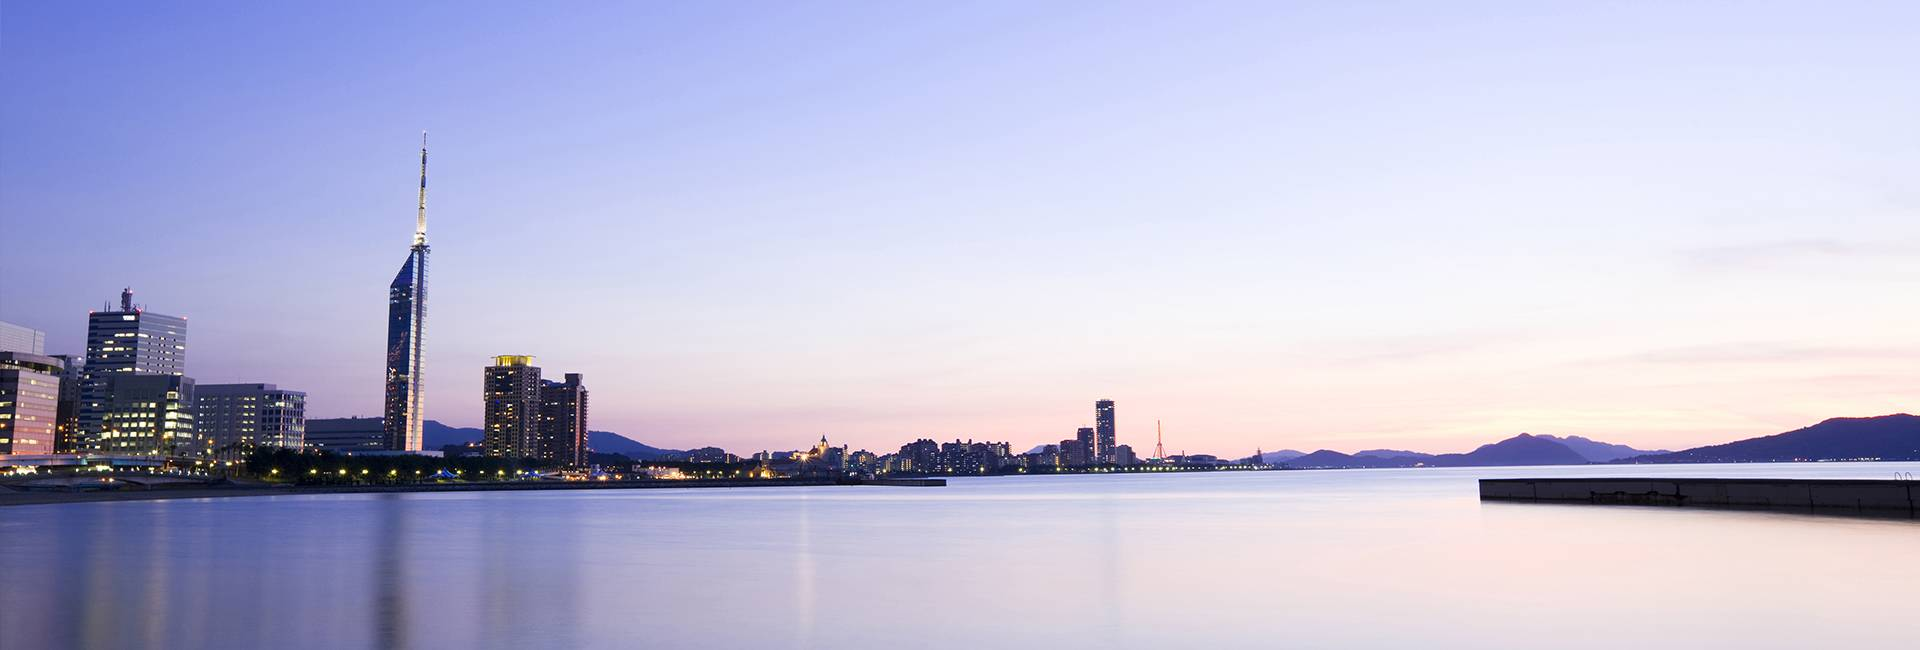 Fukuoka in Japan